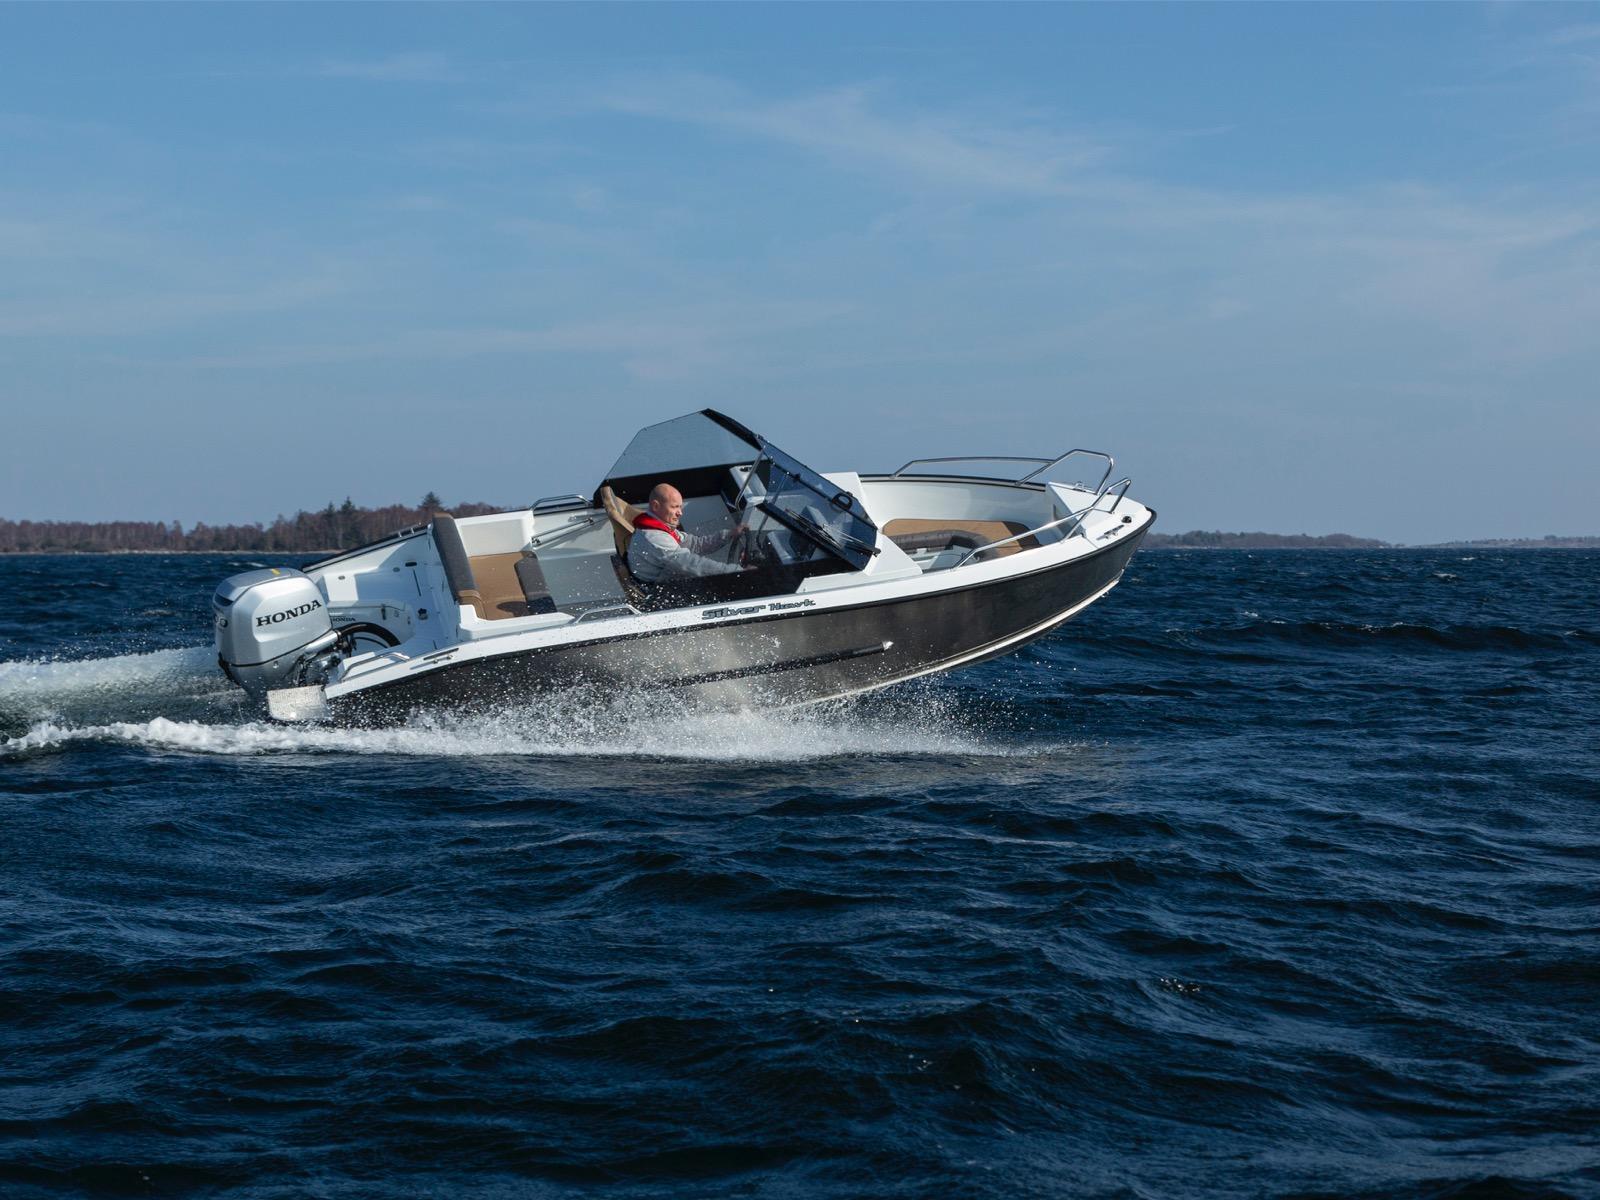 New Silver Hawk Aluminium Boat with Honda or Suzuki Outboard